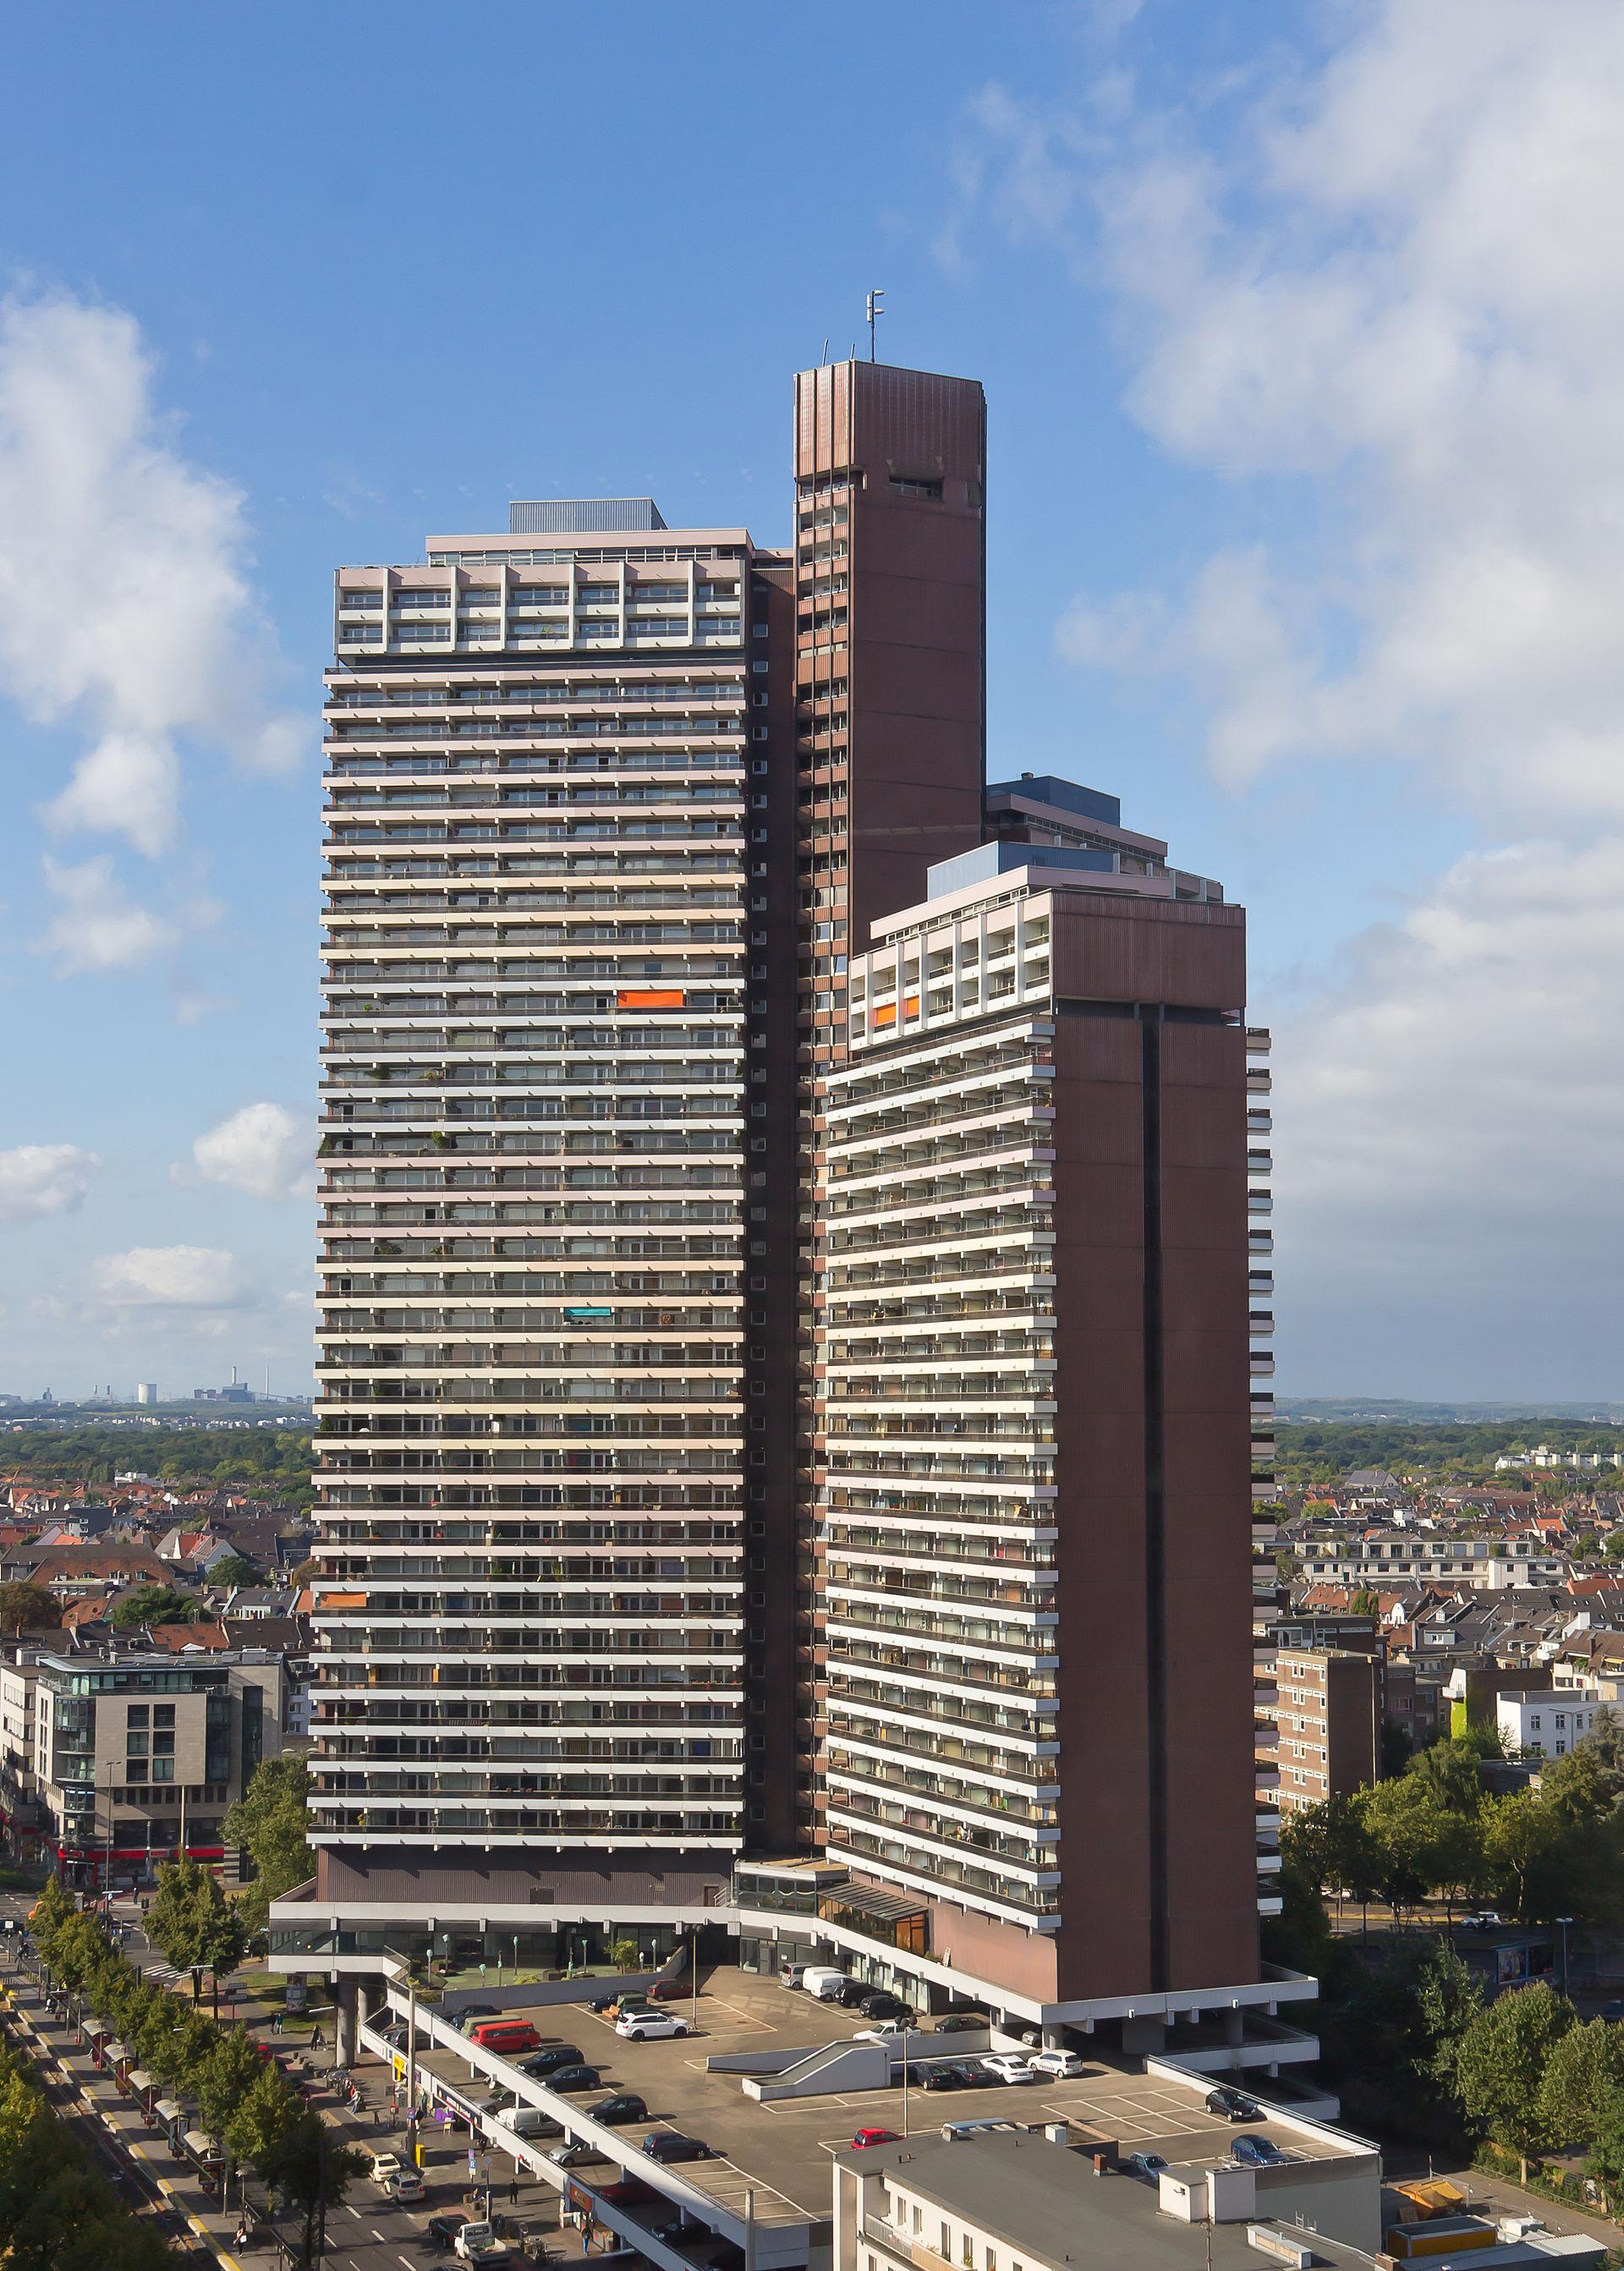 Uni Köln Stadtteil